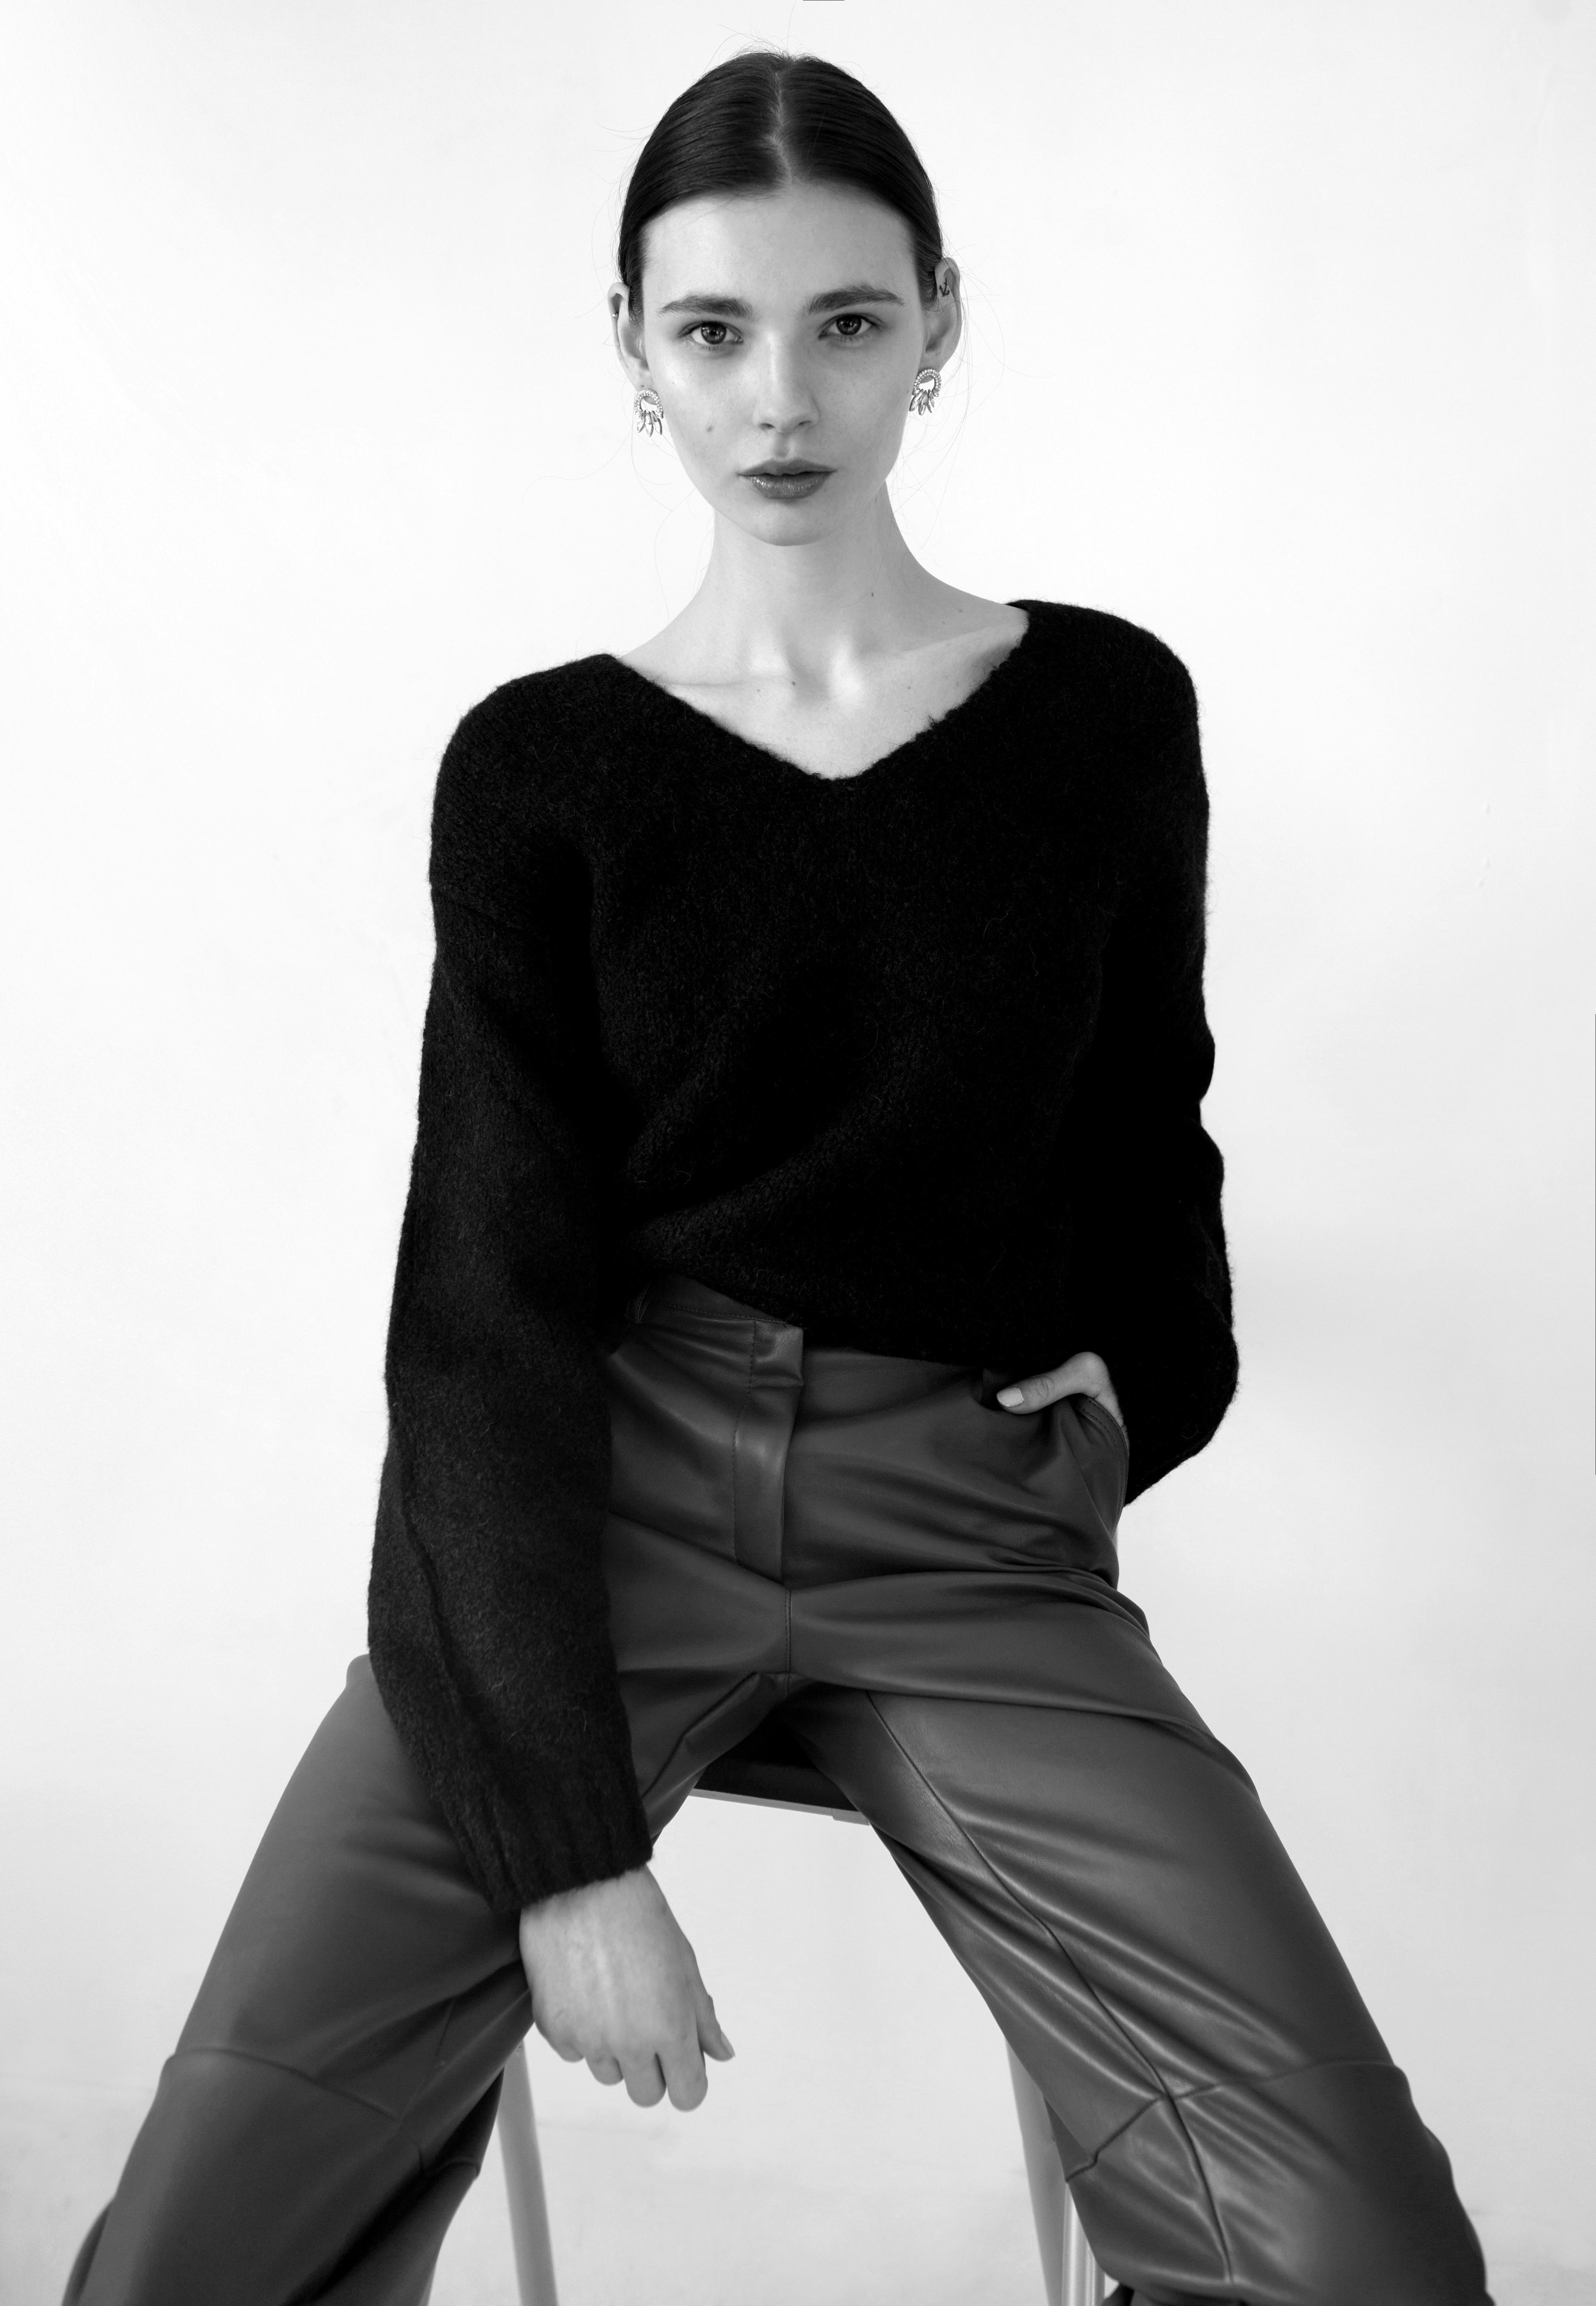 Anna Soltan